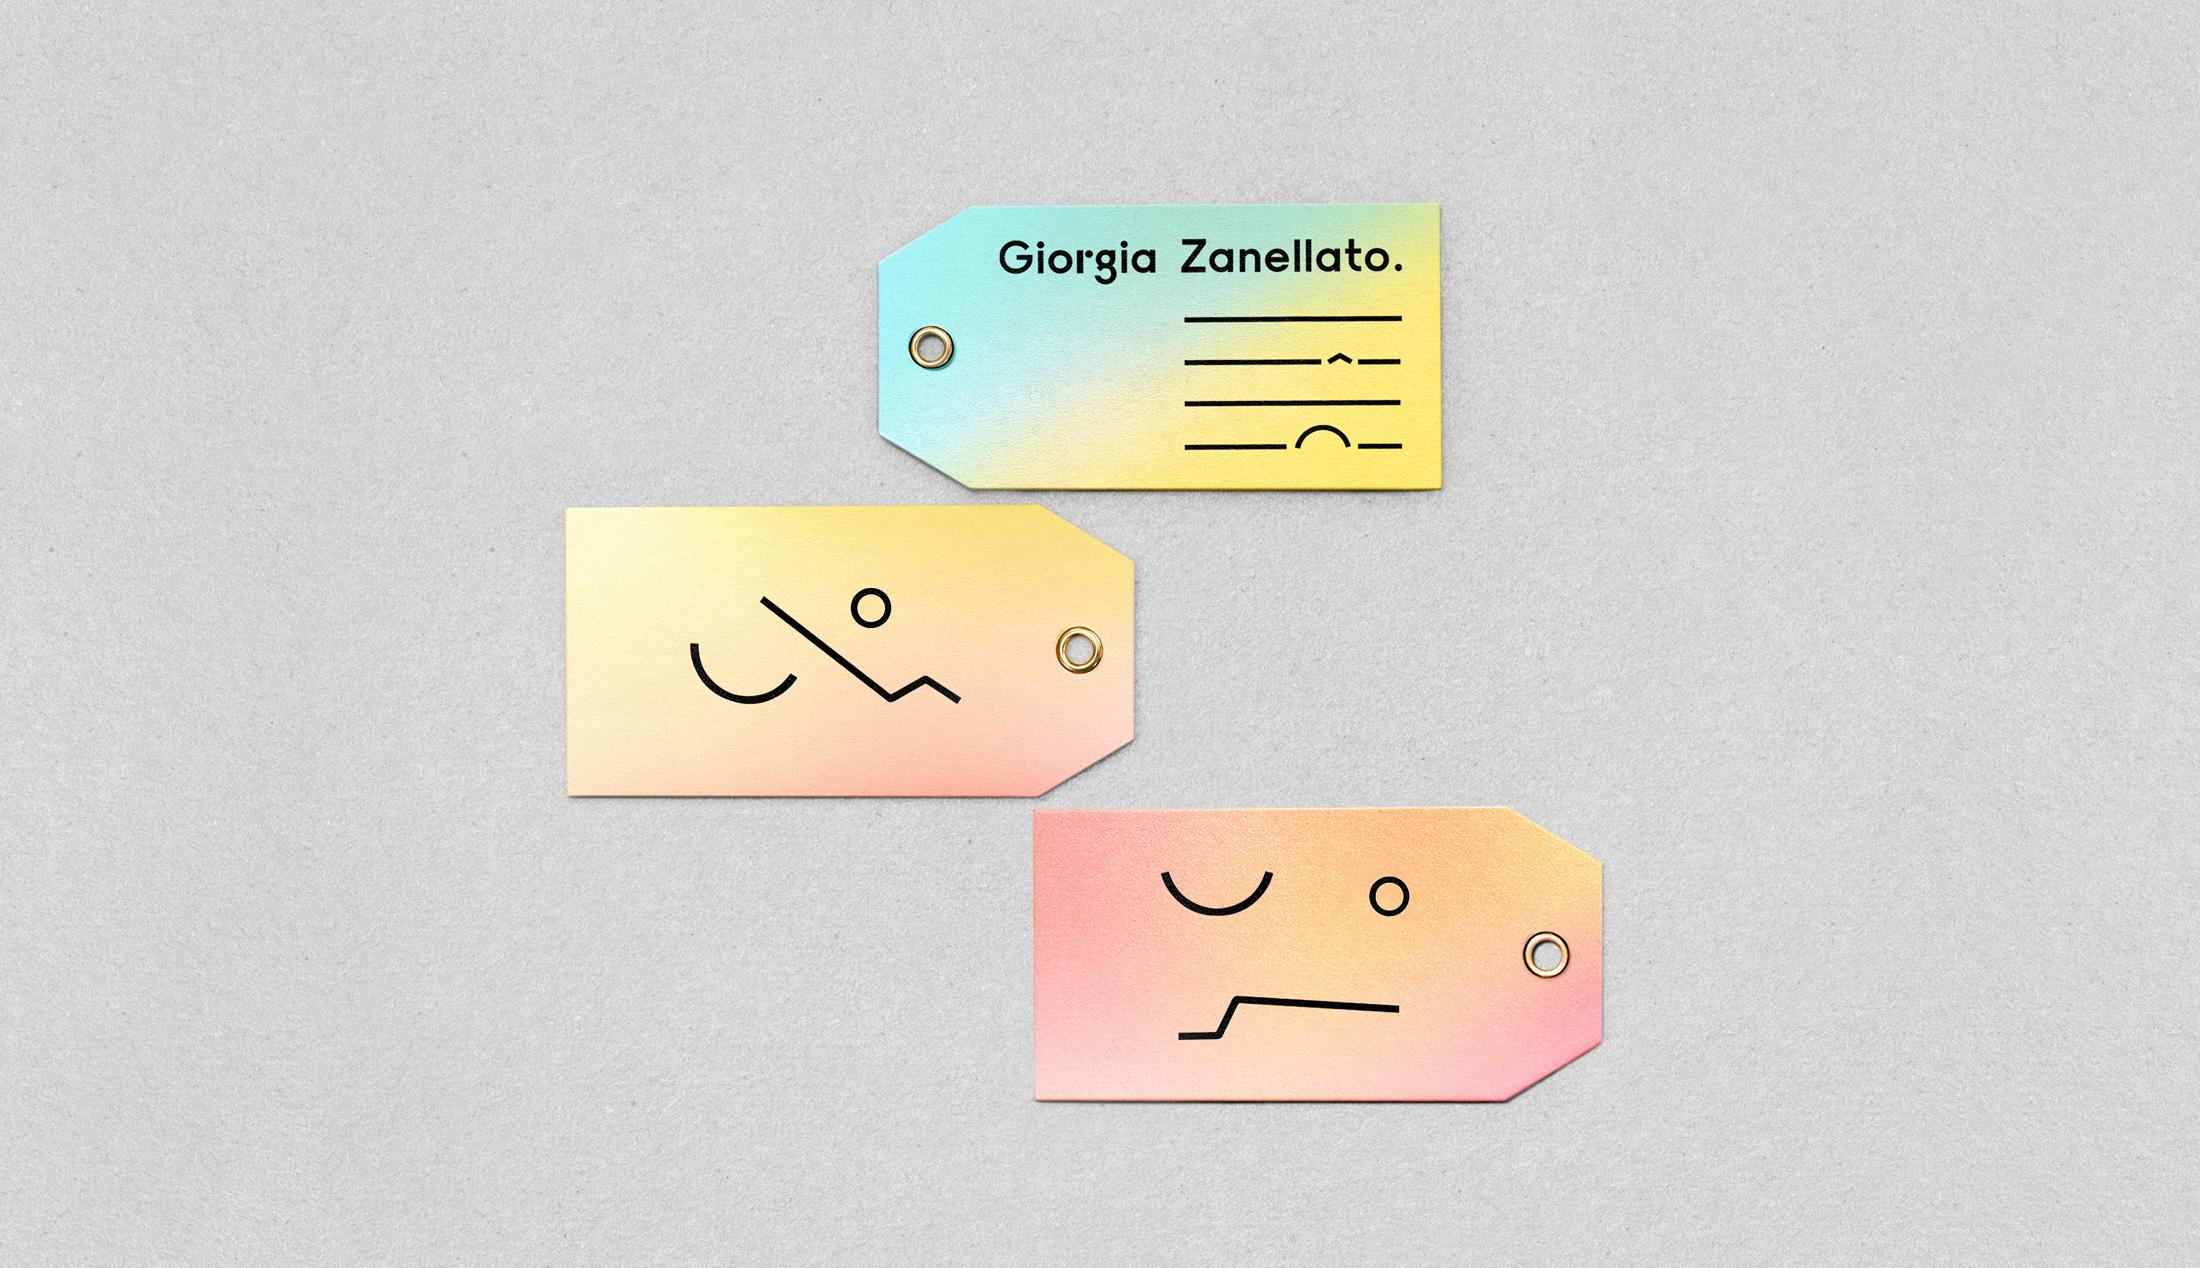 Giorgia_Zanellato_Andreia_Constantino.jpg